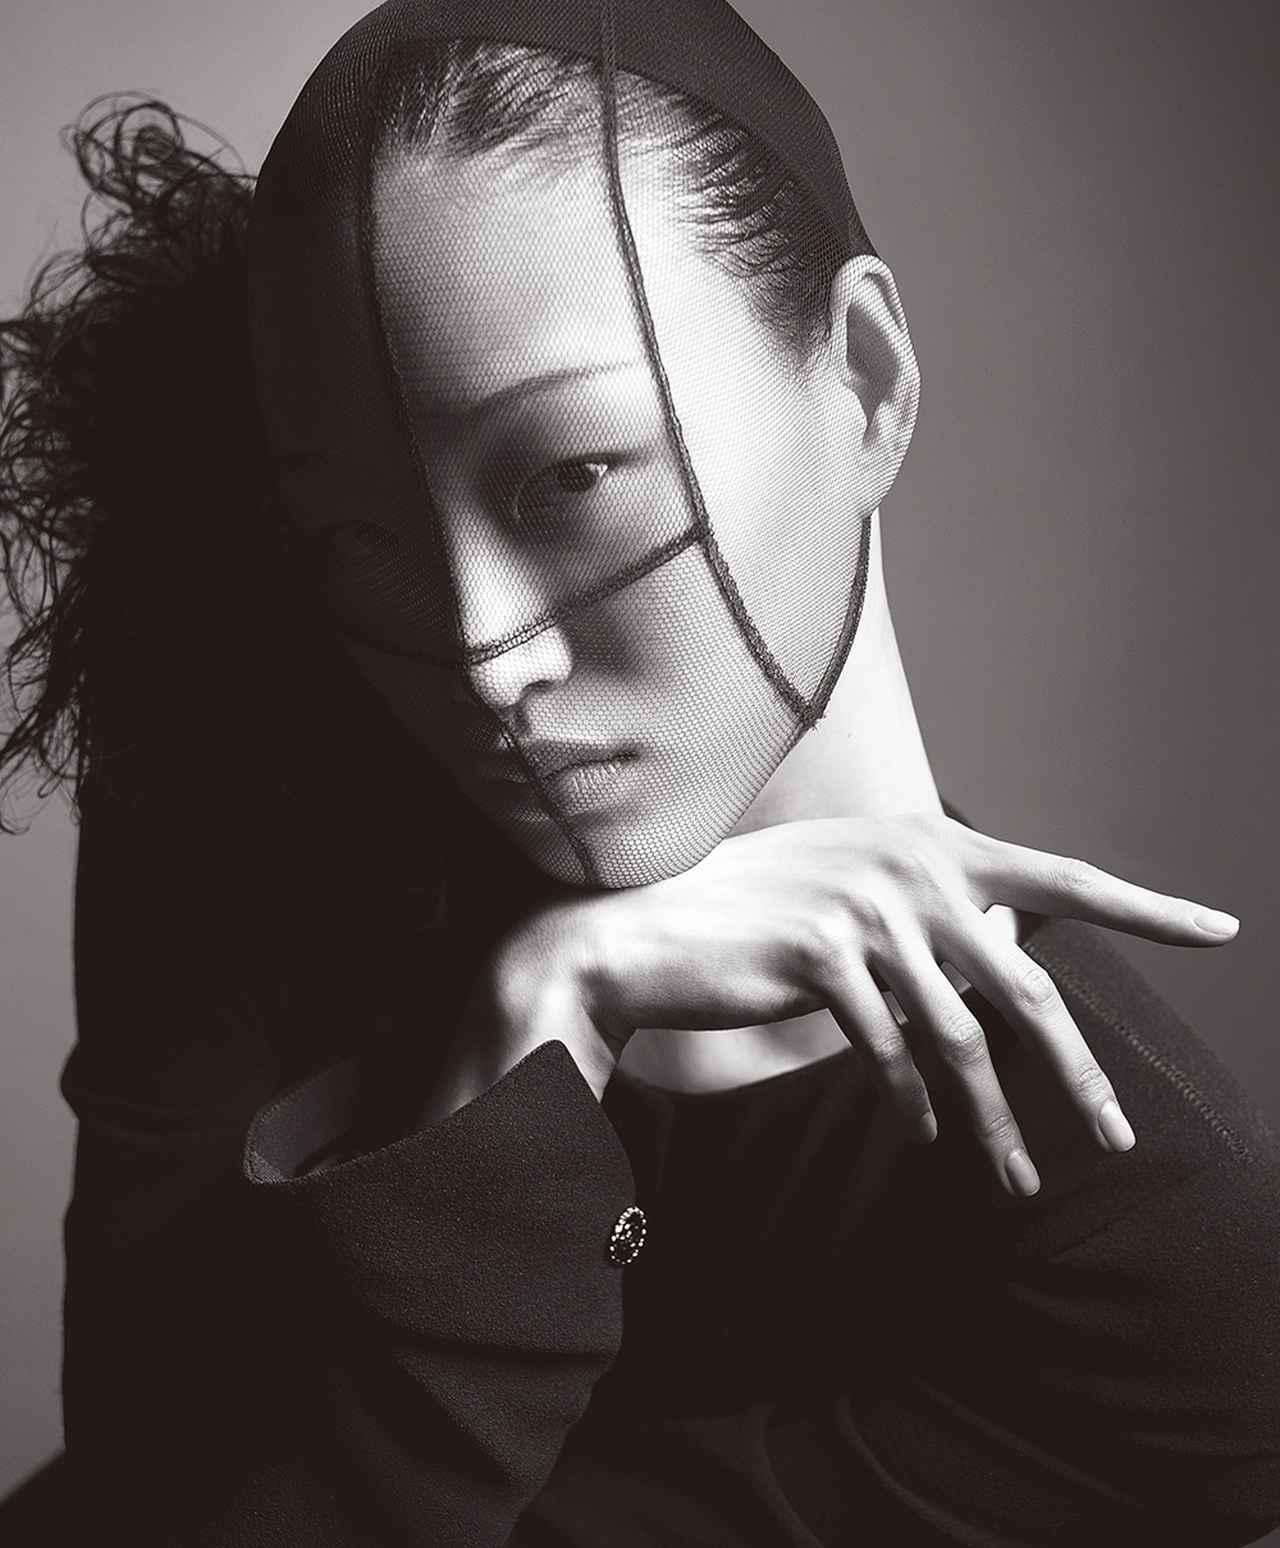 Images : 3番目の画像 - 「春、モードは ドラマティックなフォルムに 回帰する」のアルバム - T JAPAN:The New York Times Style Magazine 公式サイト